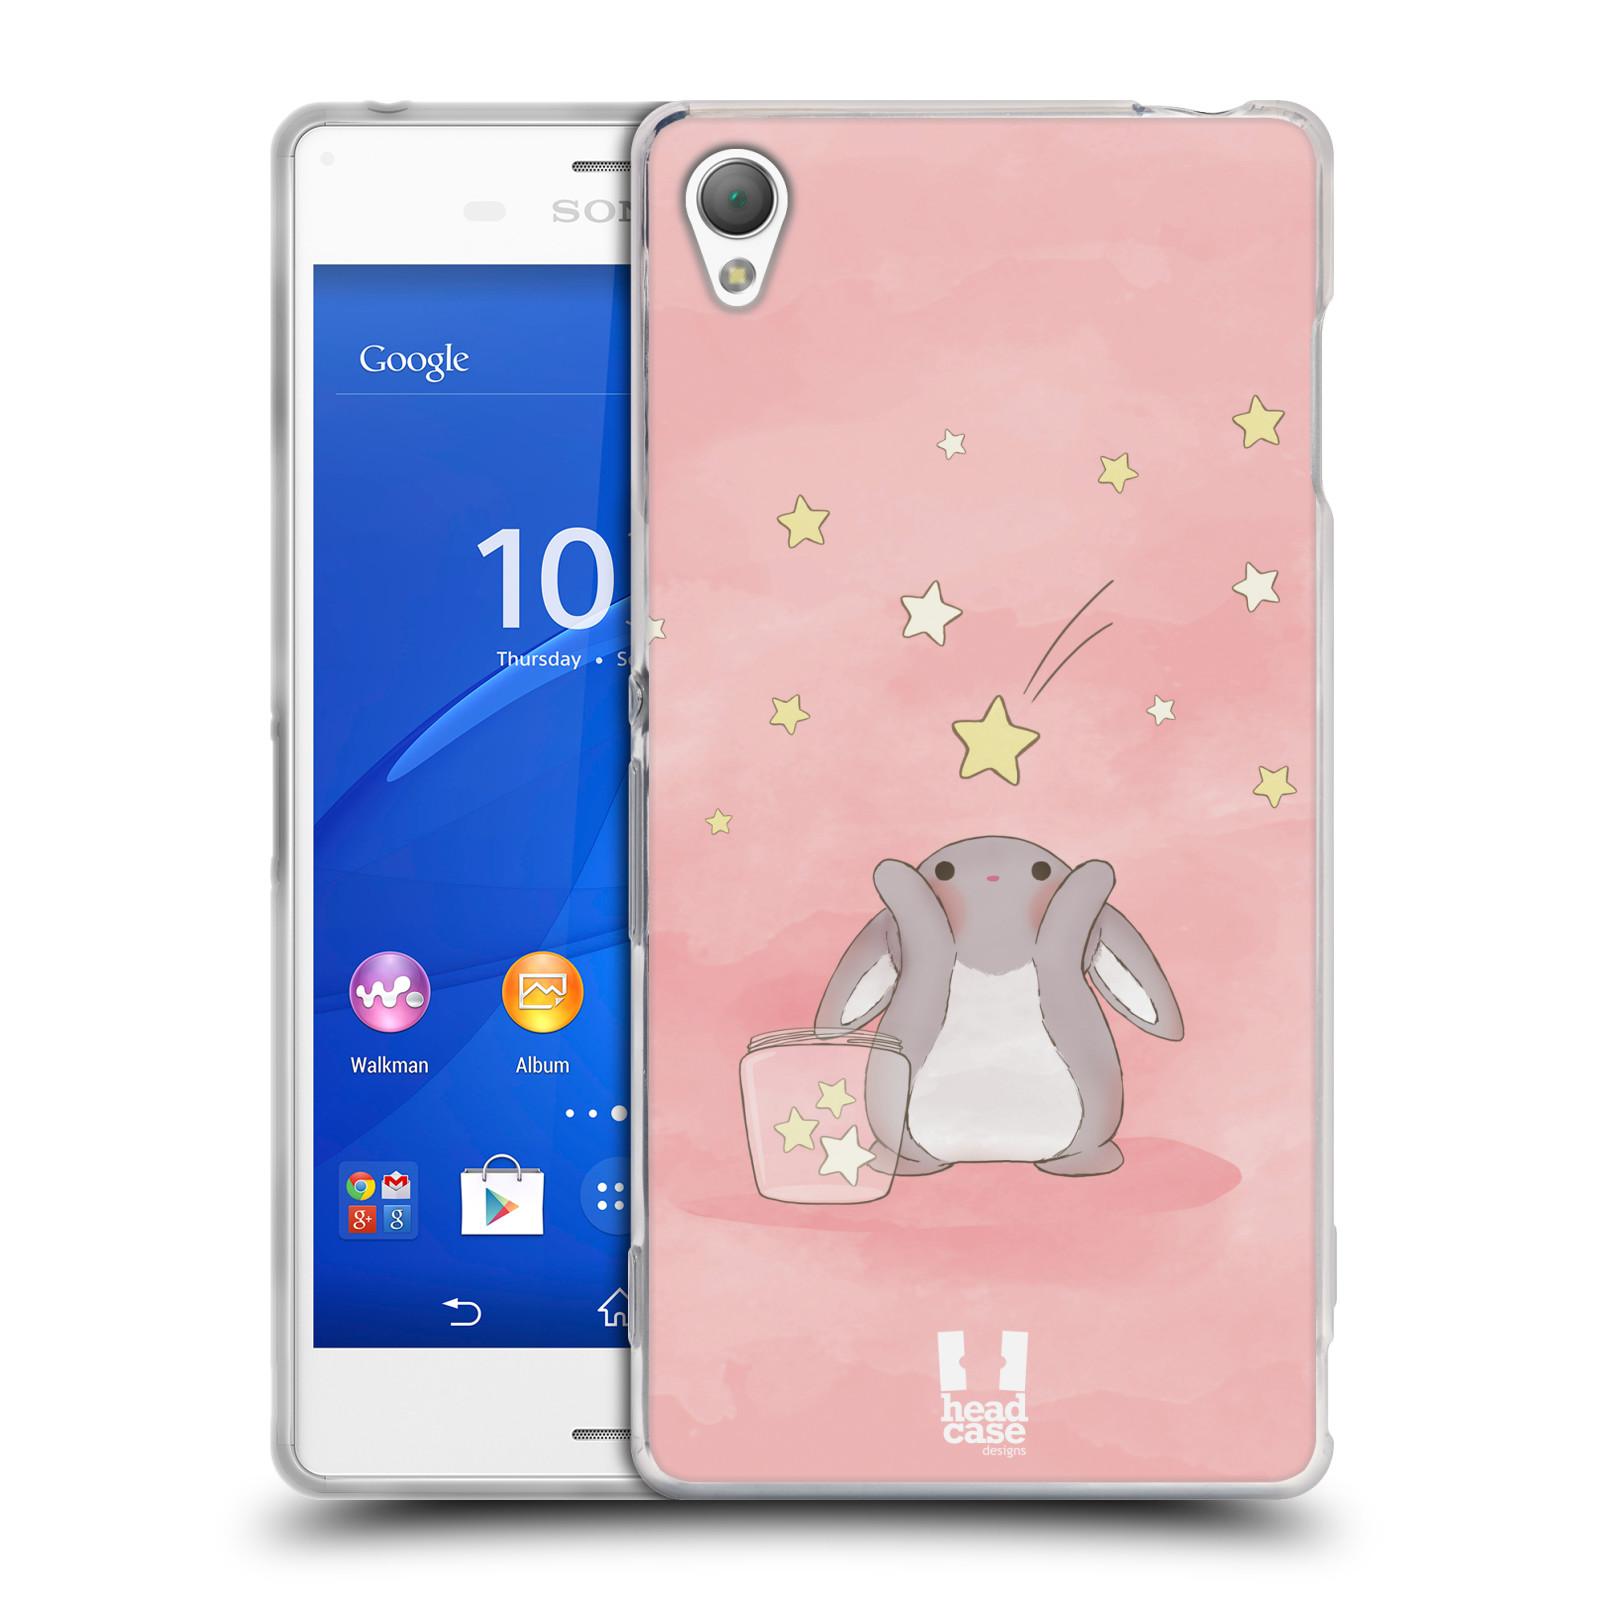 HEAD CASE silikonový obal na mobil Sony Xperia Z3 vzor králíček a hvězdy růžová